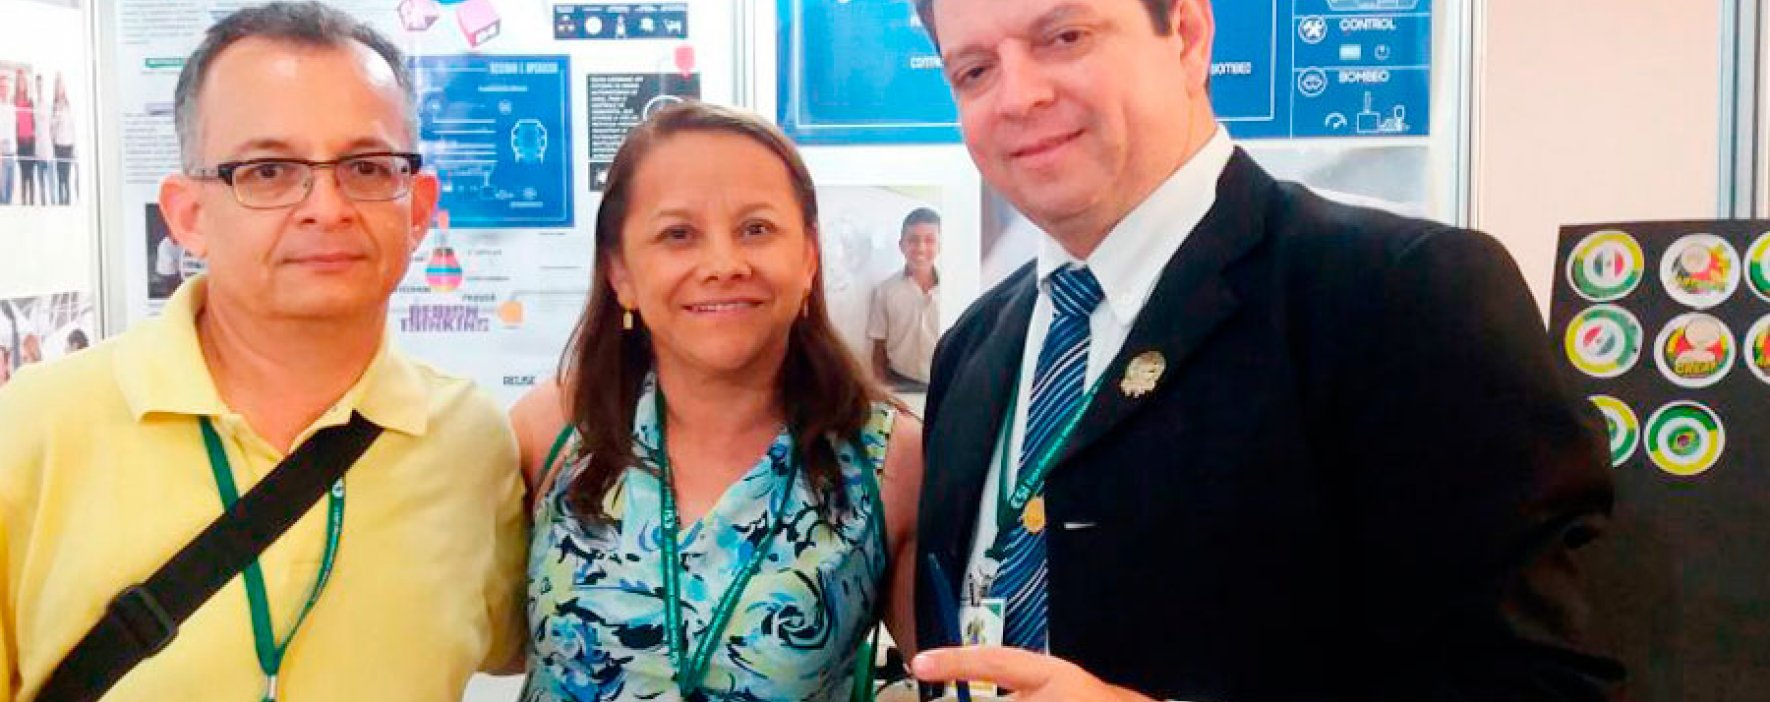 La ruta internacional de reconocimiento a Silvia Luz Marín